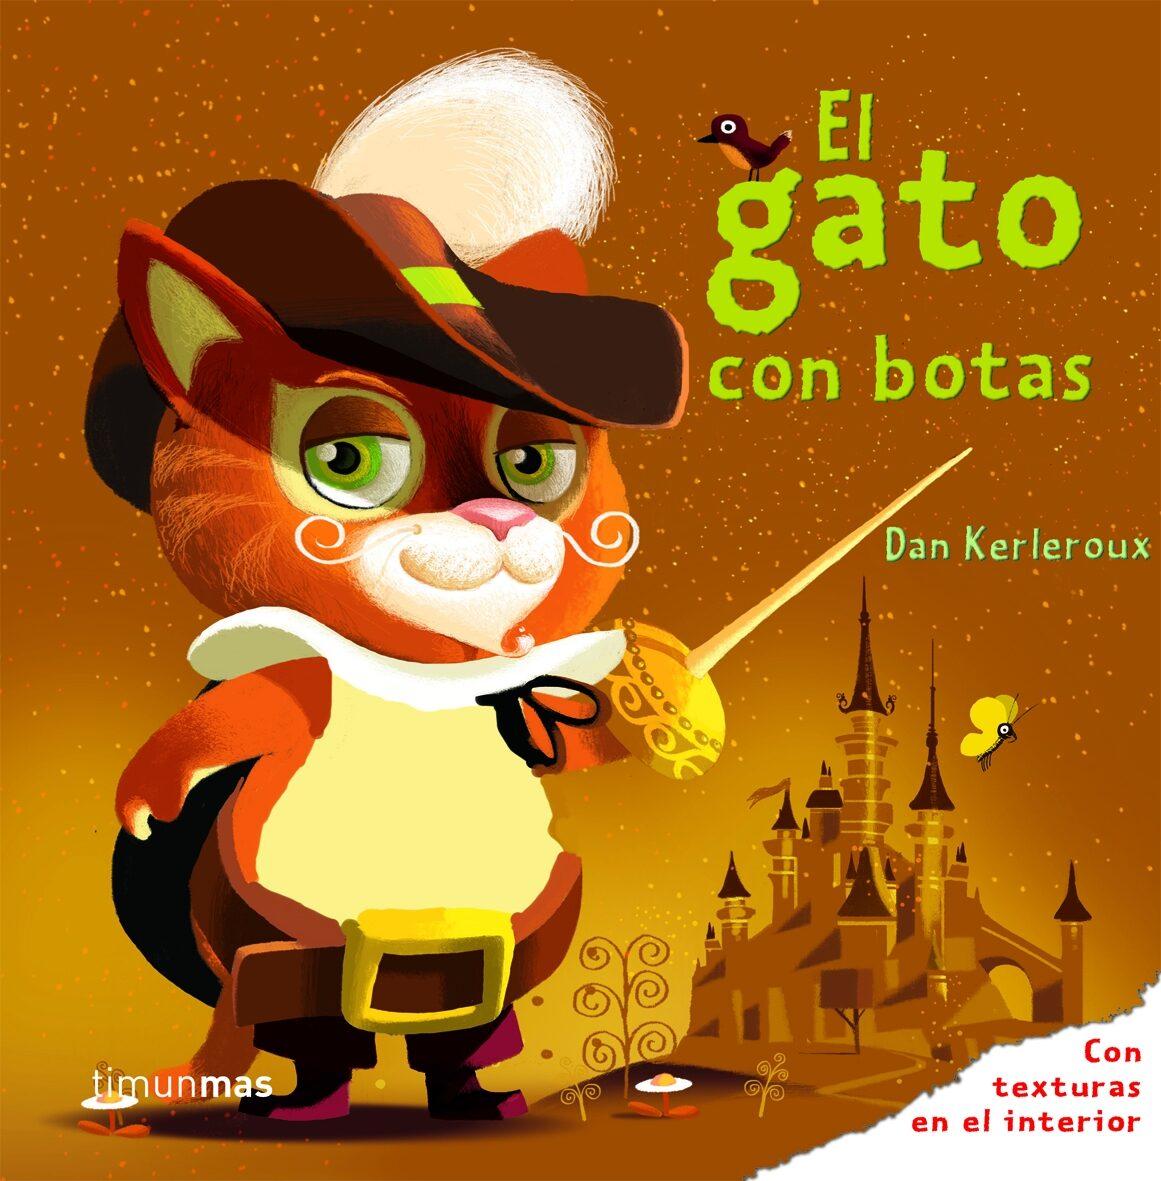 El Gato Con Botas (cuentos Clasicos Con Texturas ) - Timmers Leo